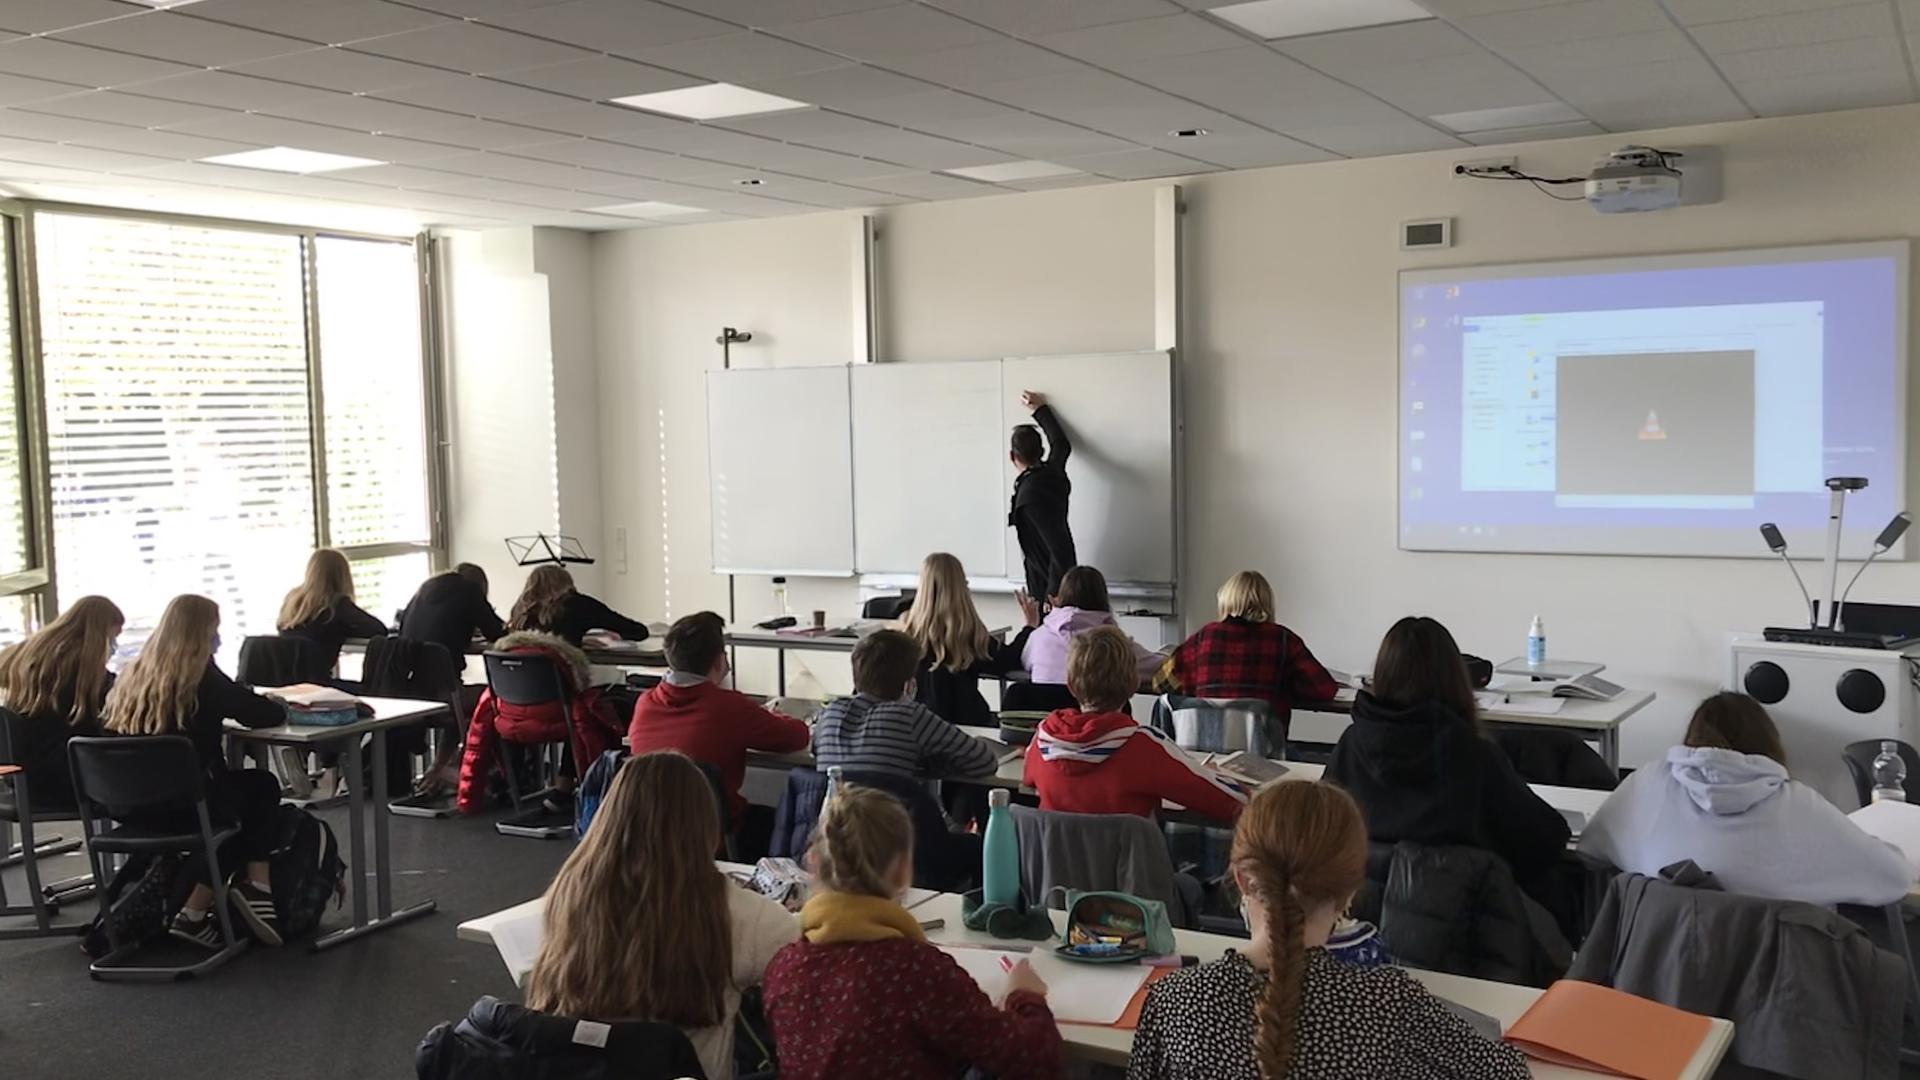 Schulklasse des Wilhelm-Hausenstein-Gymnasiums beim Unterricht unter Pandemie-Bedingungen